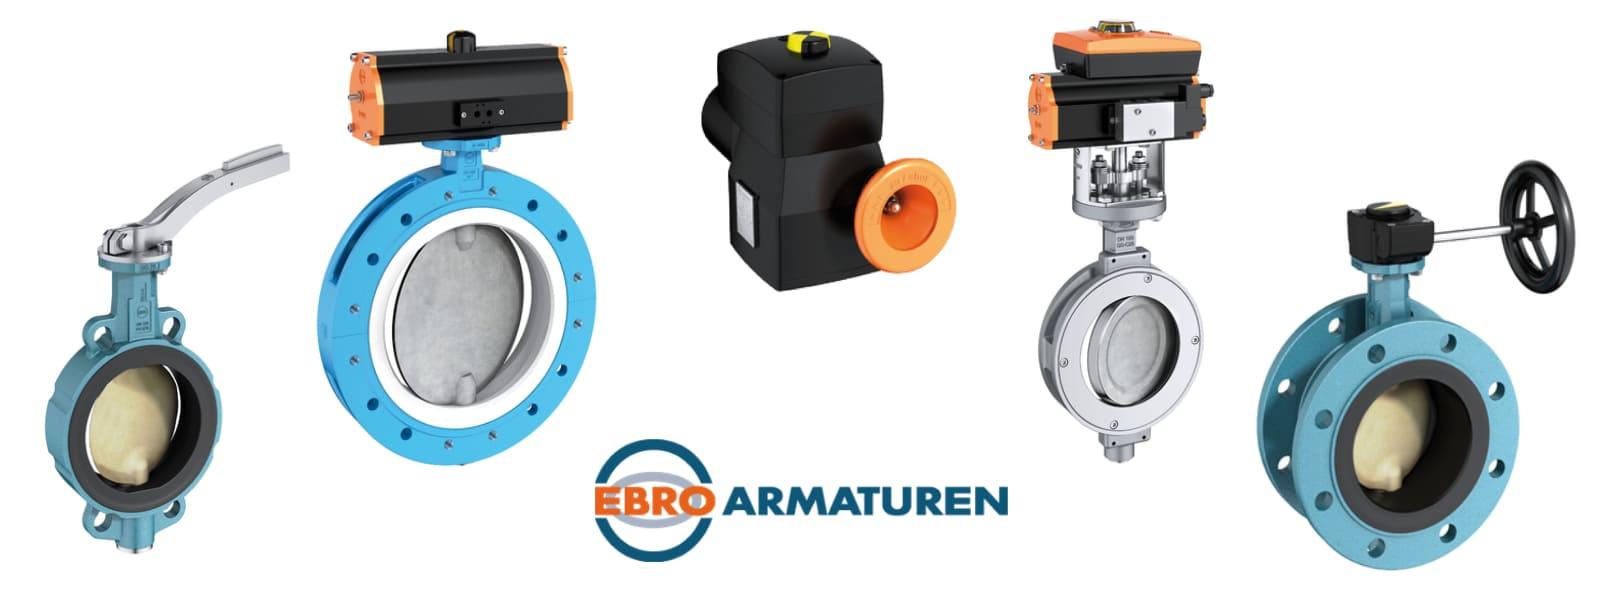 Трубопроводная арматура EBRO Armaturen